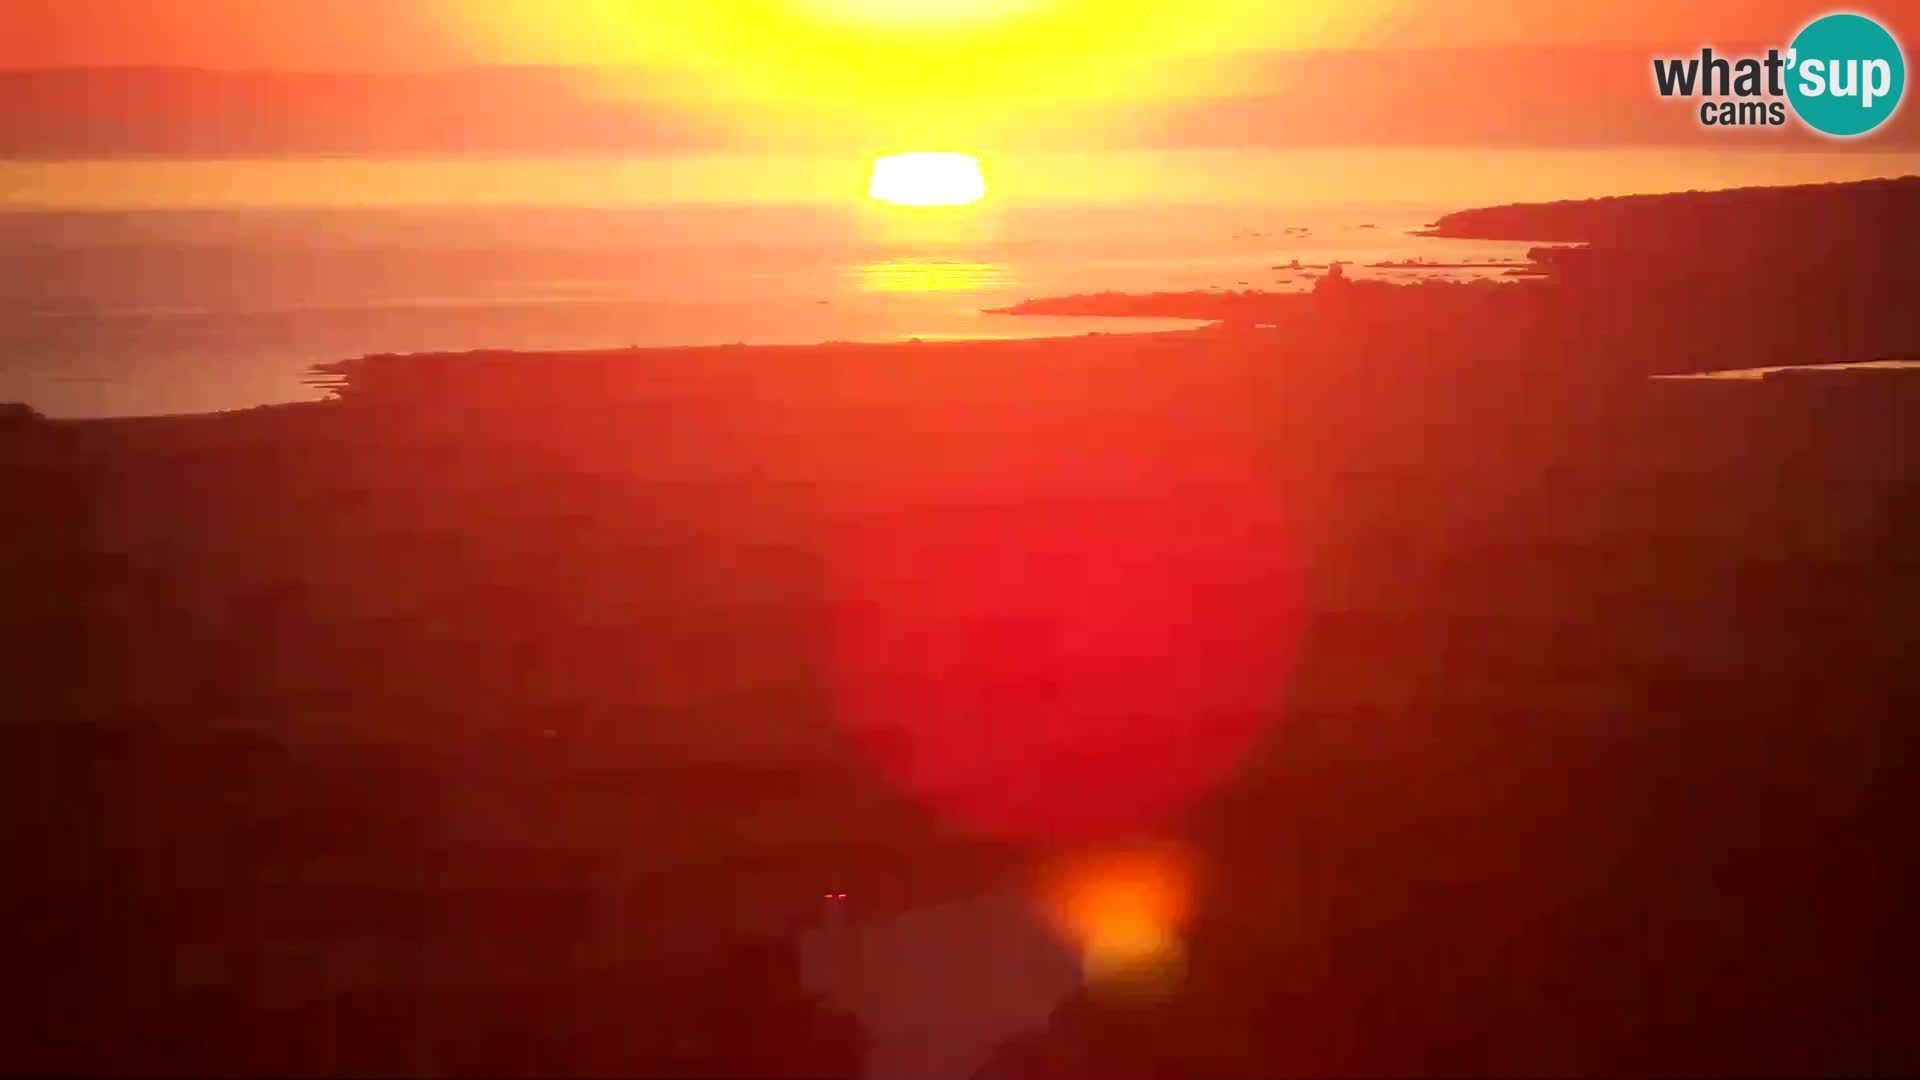 Vista de la fábrica de queso Gligora Kolan – Isla Pag